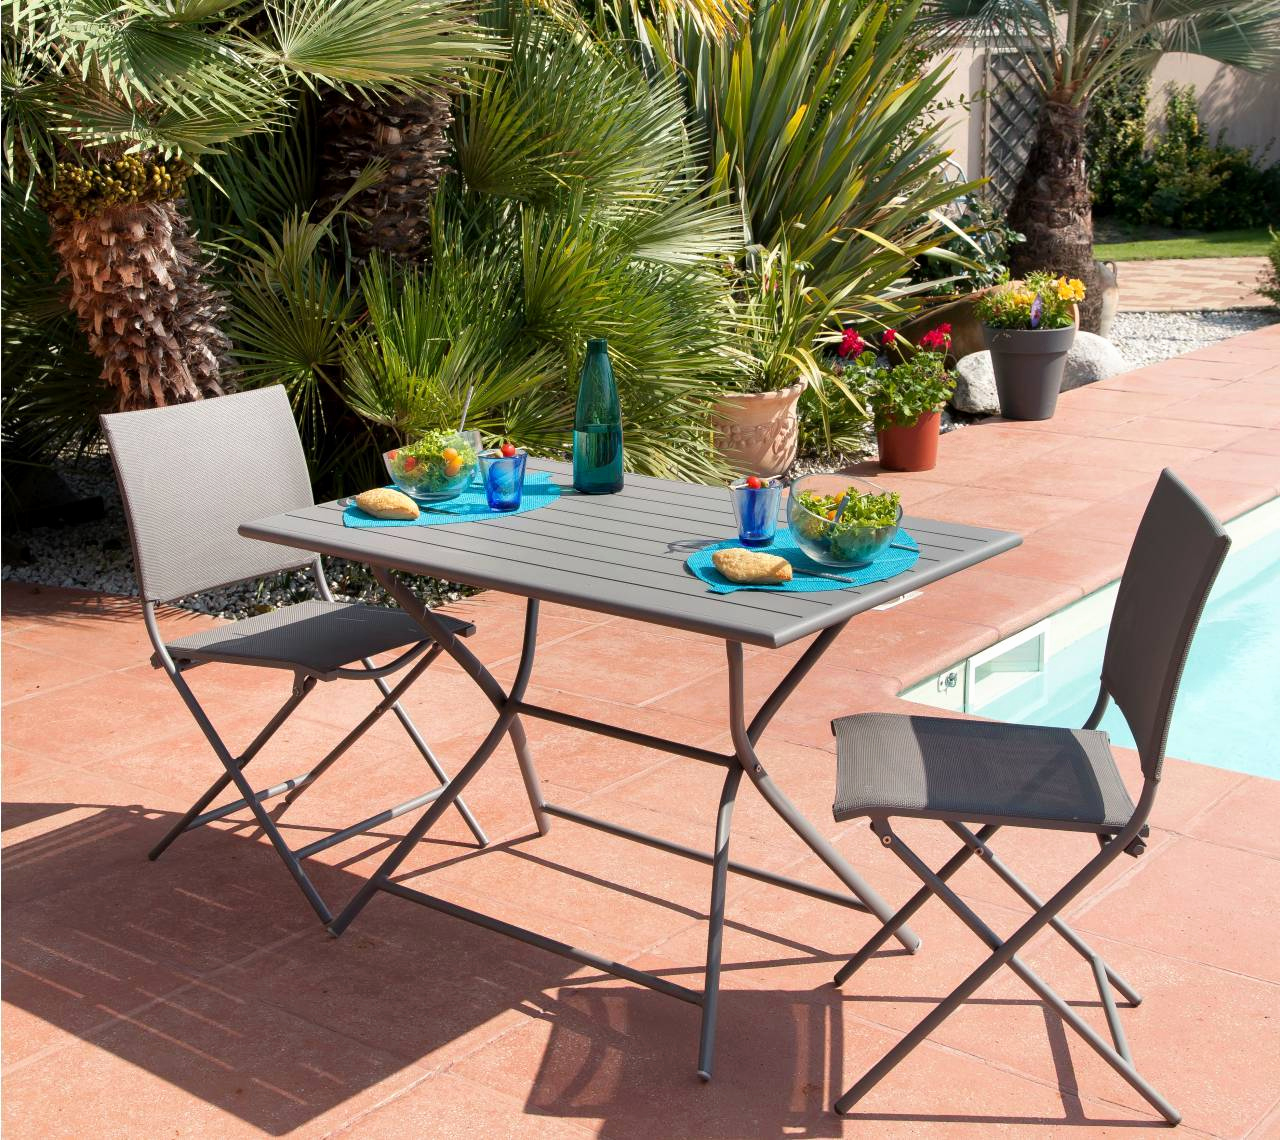 happy garden salon de jardin elegant beautiful idee couleur salon de jardin s house design of happy garden salon de jardin